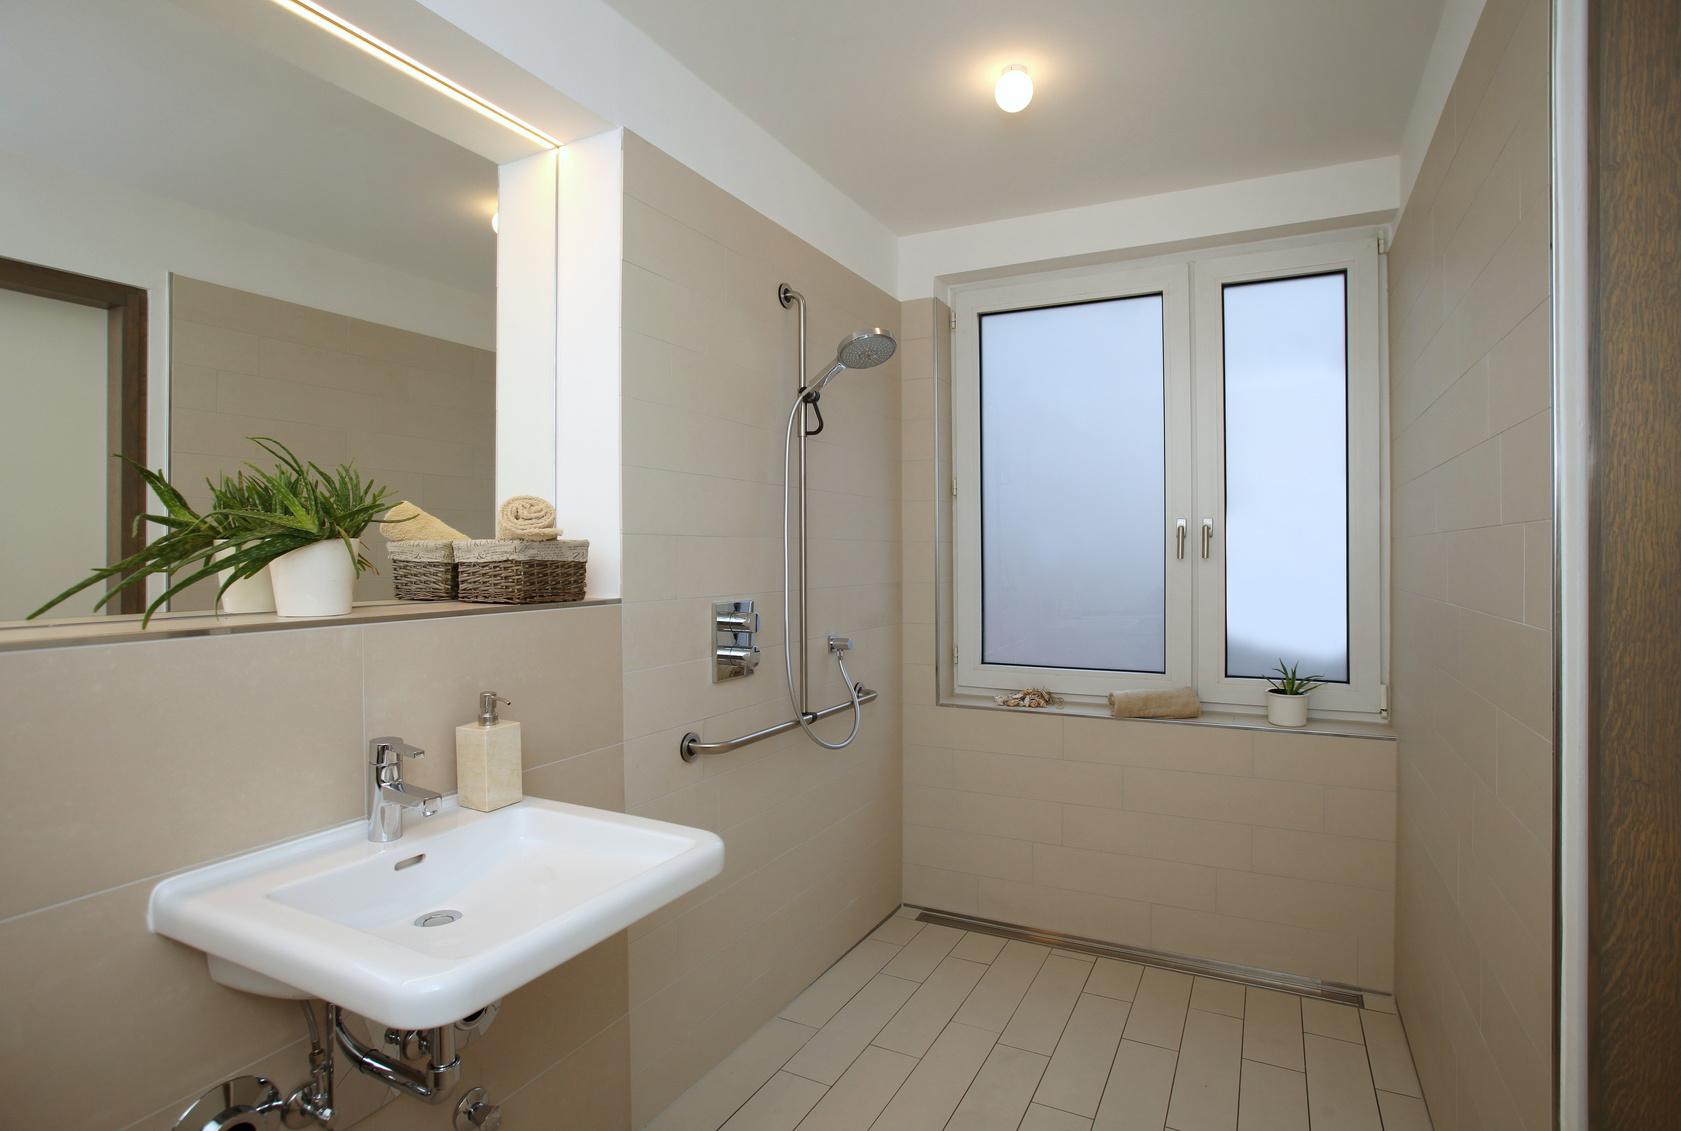 Willkommen bei Schiffbauer Bad und Wohnraumgestaltung mit Keramik ...